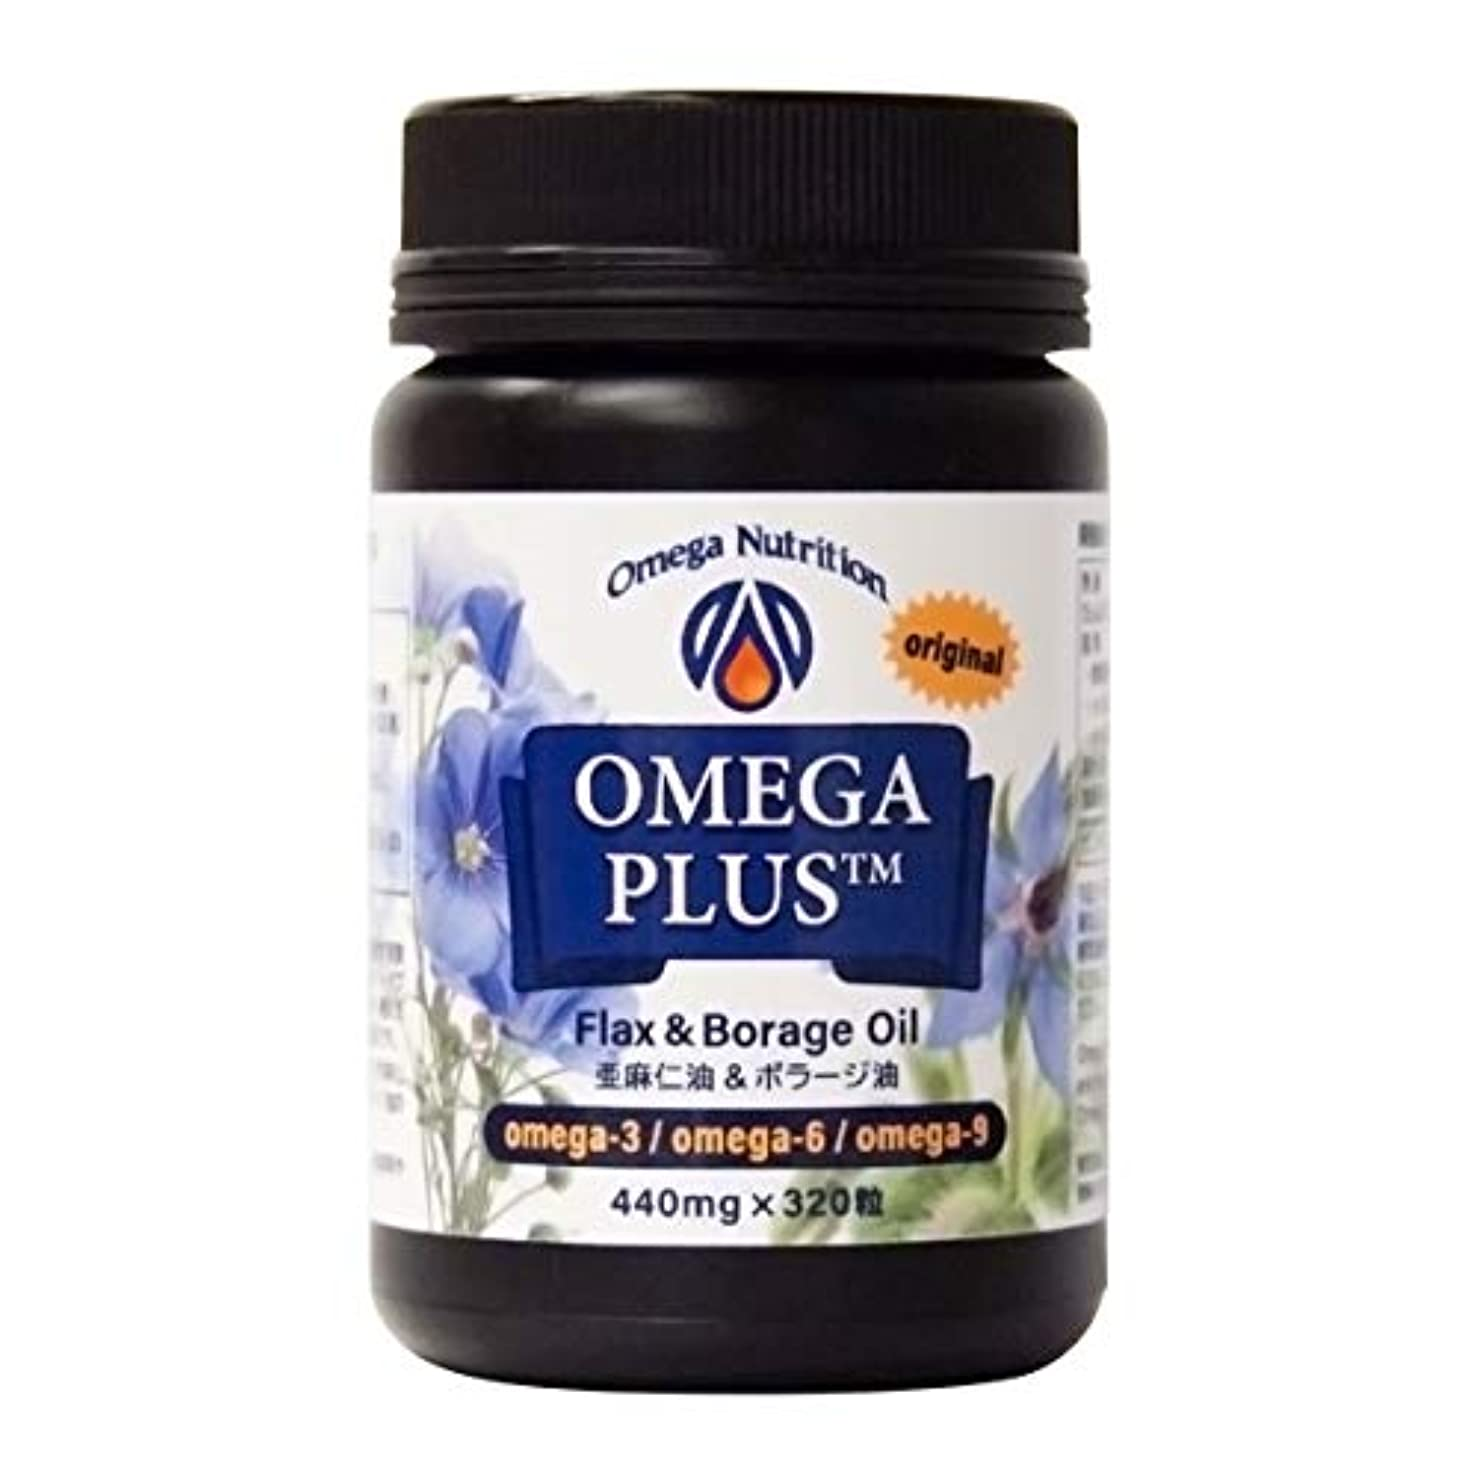 試してみる追い付く無視オメガ3 & ガンマリノレン酸含有サプリメント オメガプラス440mg カプセル (320粒)